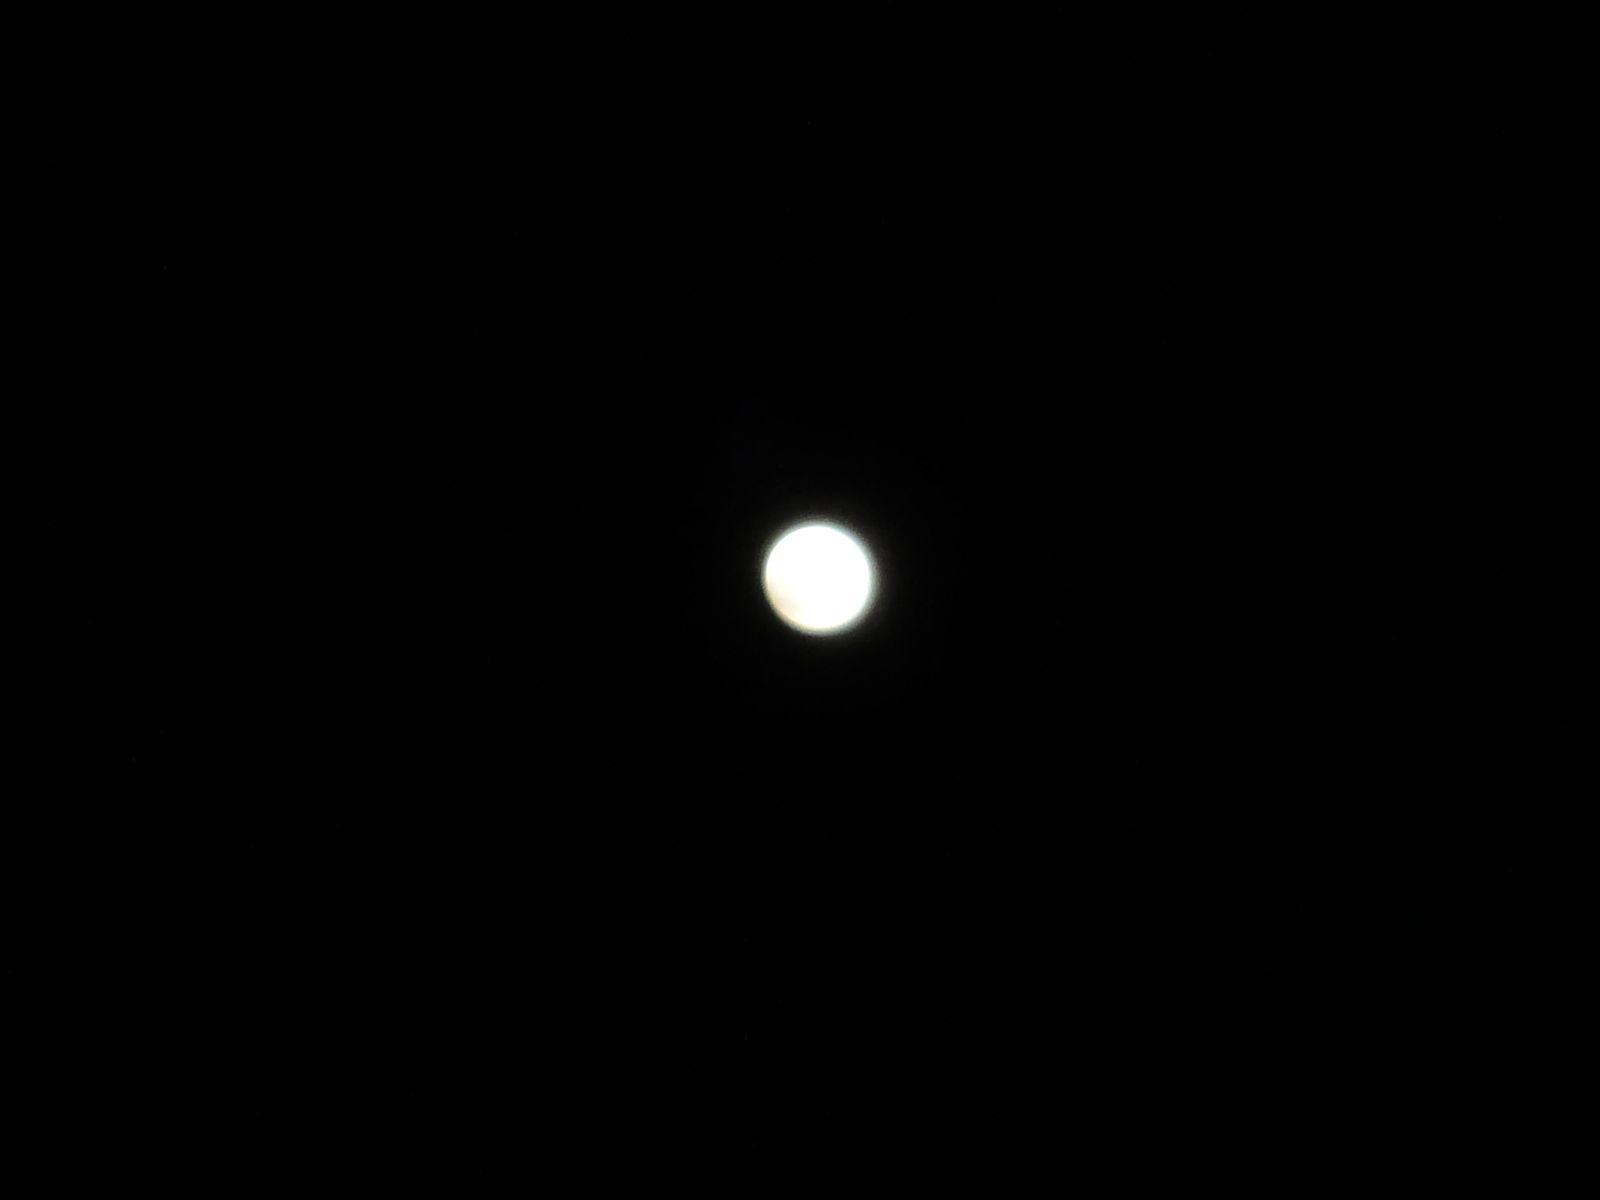 lunar_eclipse_001.jpg